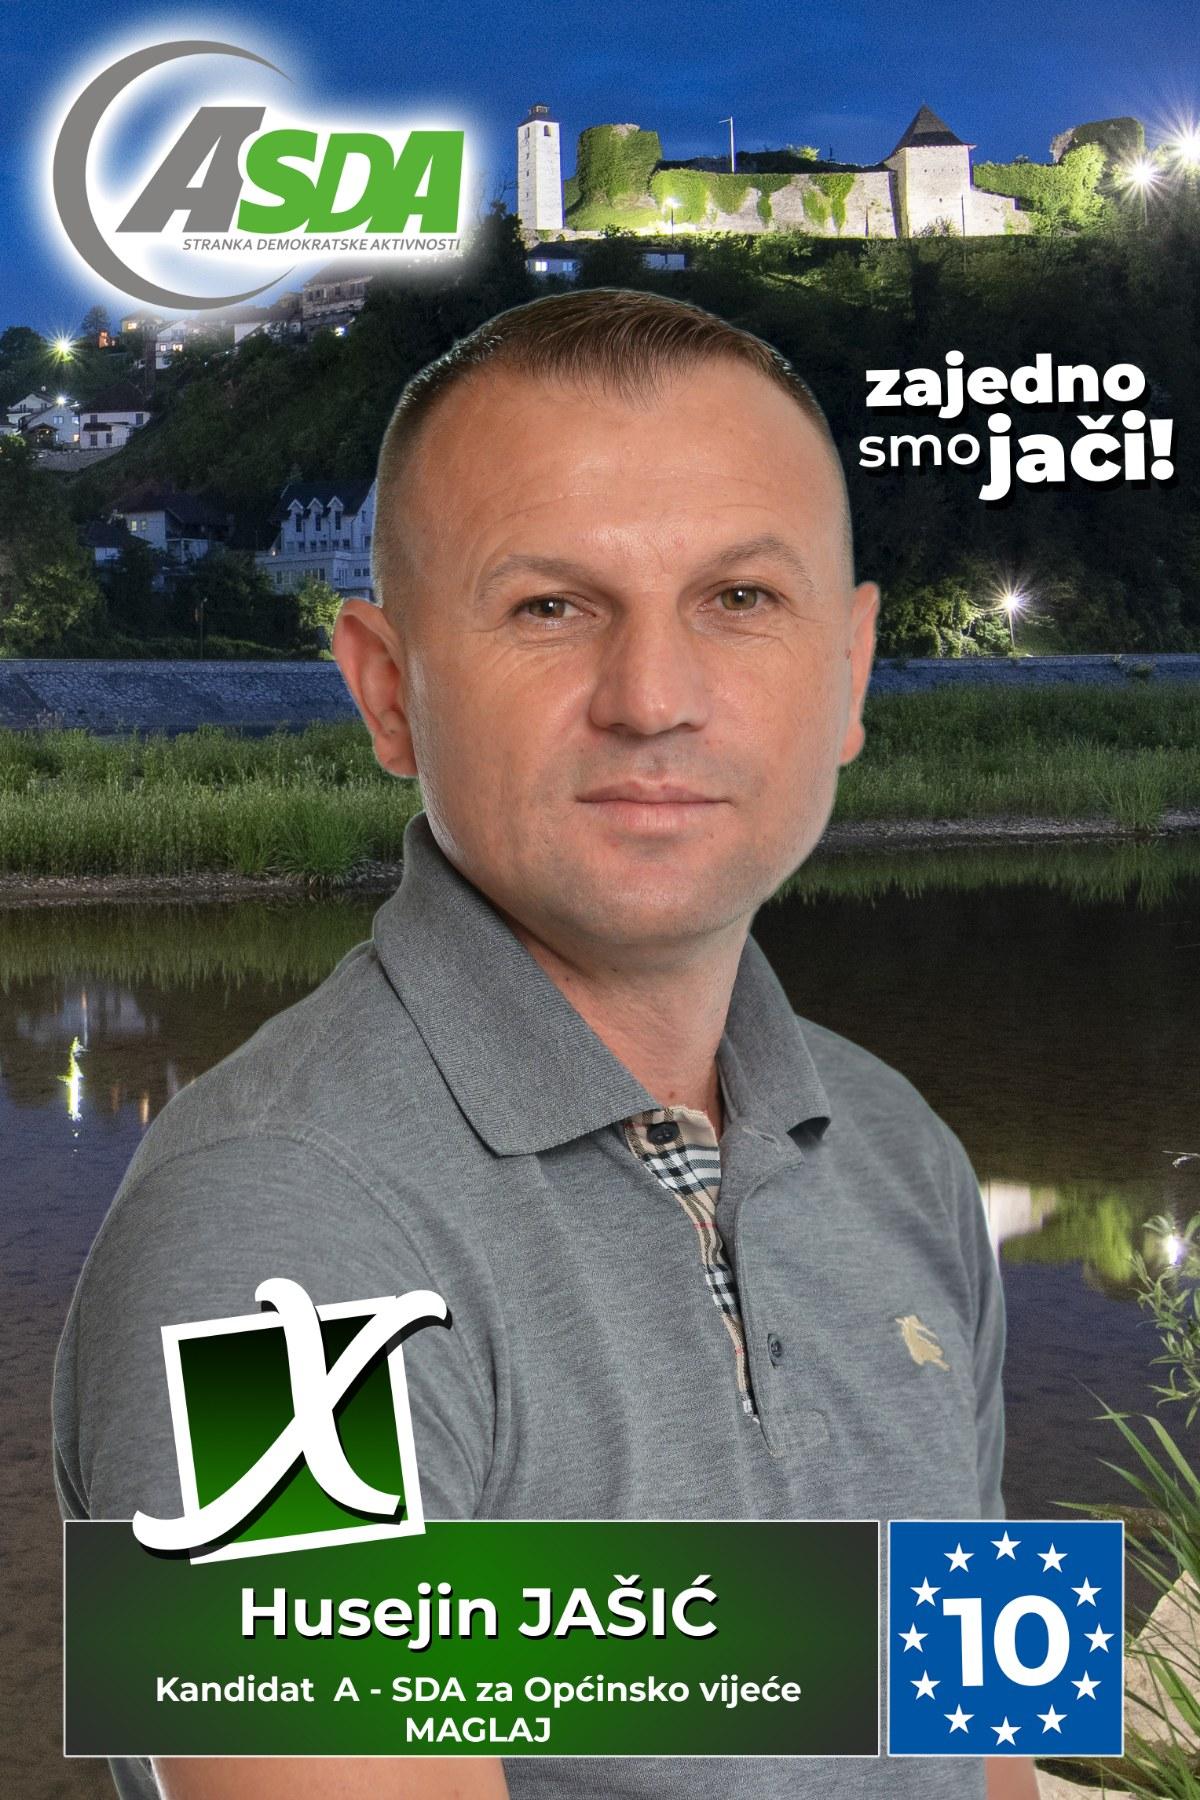 Husejin Jašić